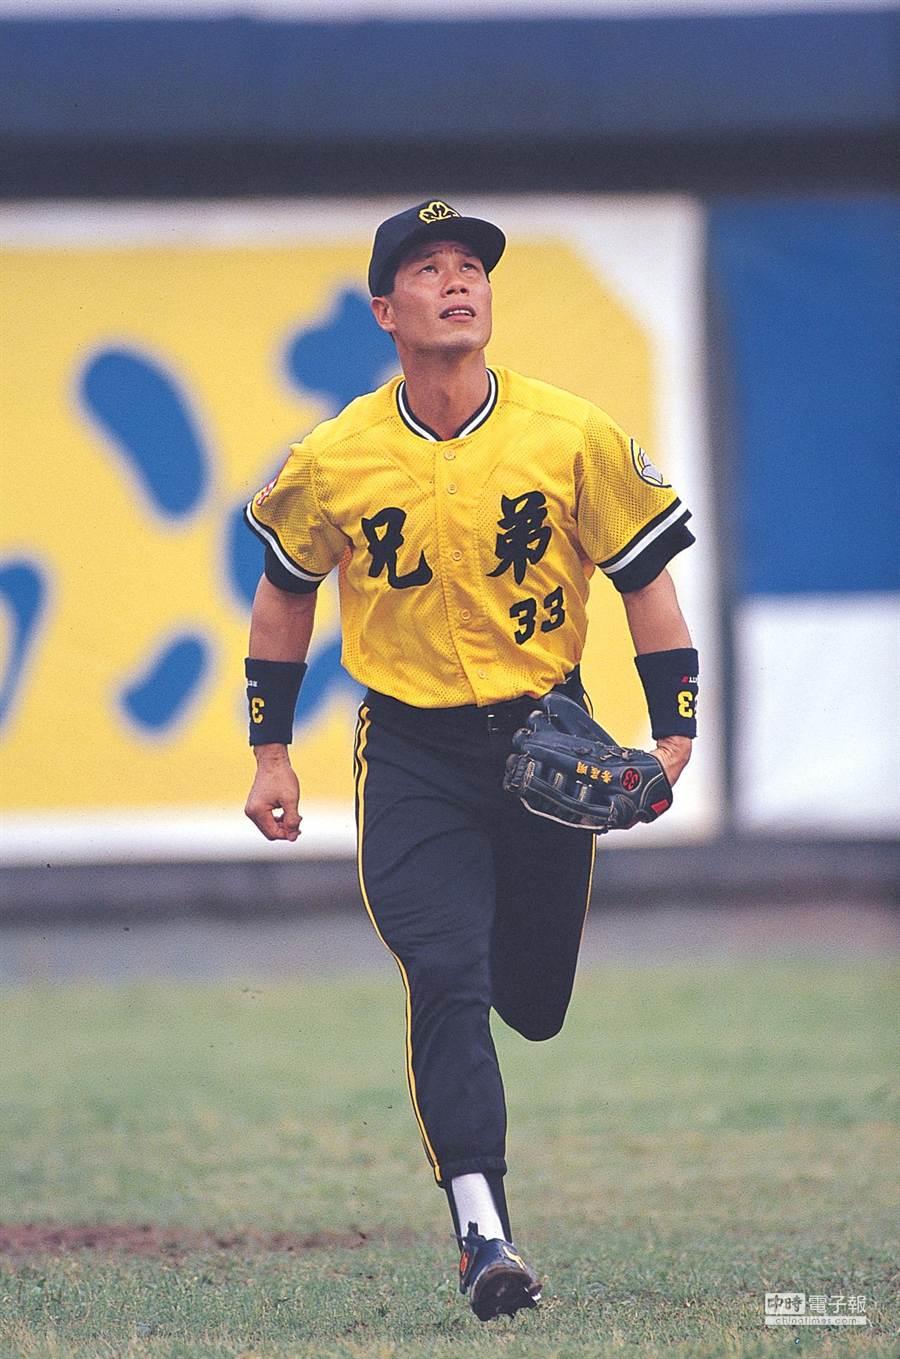 「棒球先生」李居明25日將接受中信兄弟球團、球迷致敬。(中信兄弟提供)